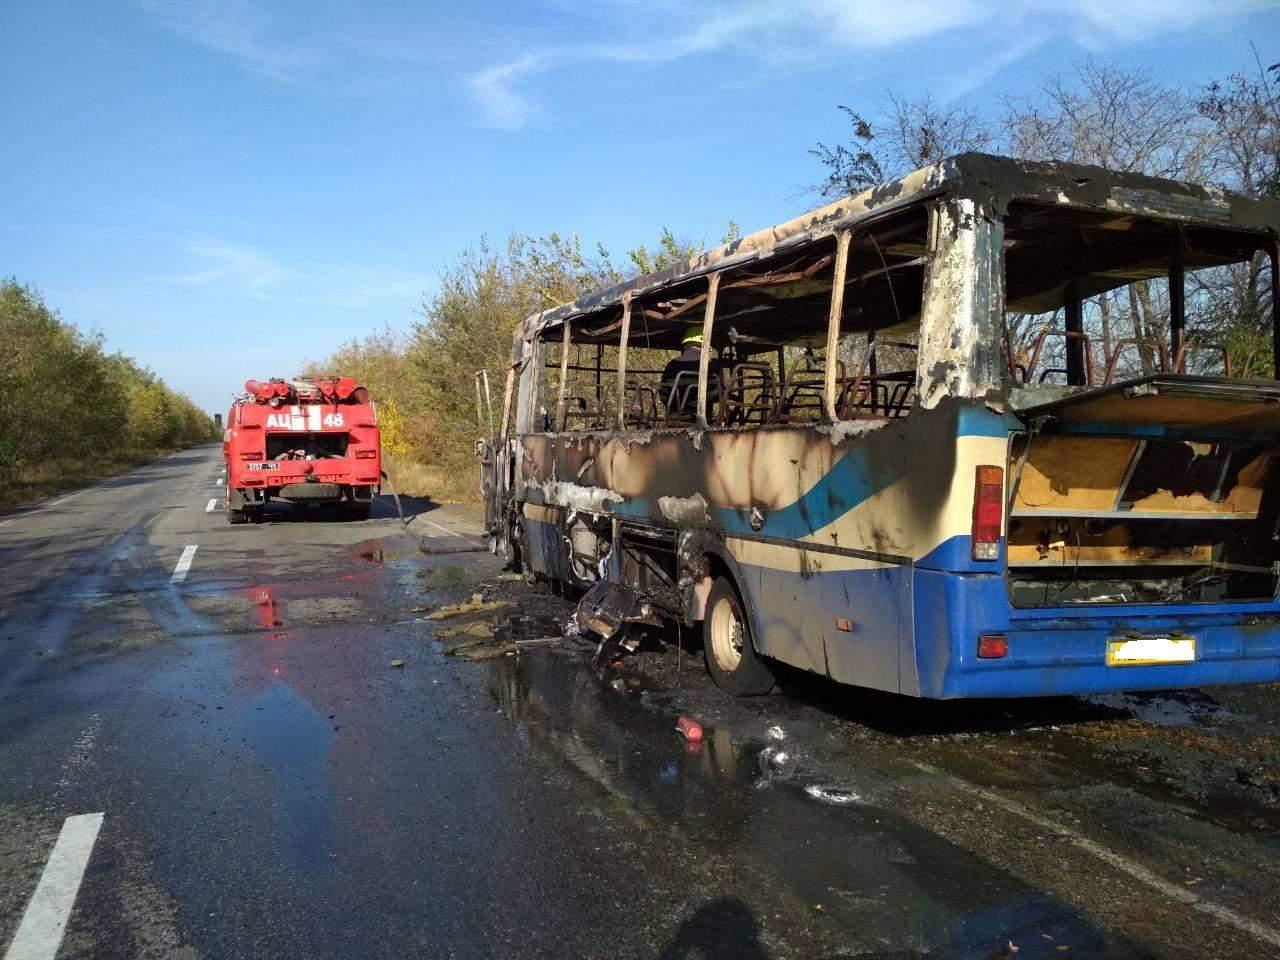 В Днепропетровской области вспыхнул автобус, внутри которого находились люди